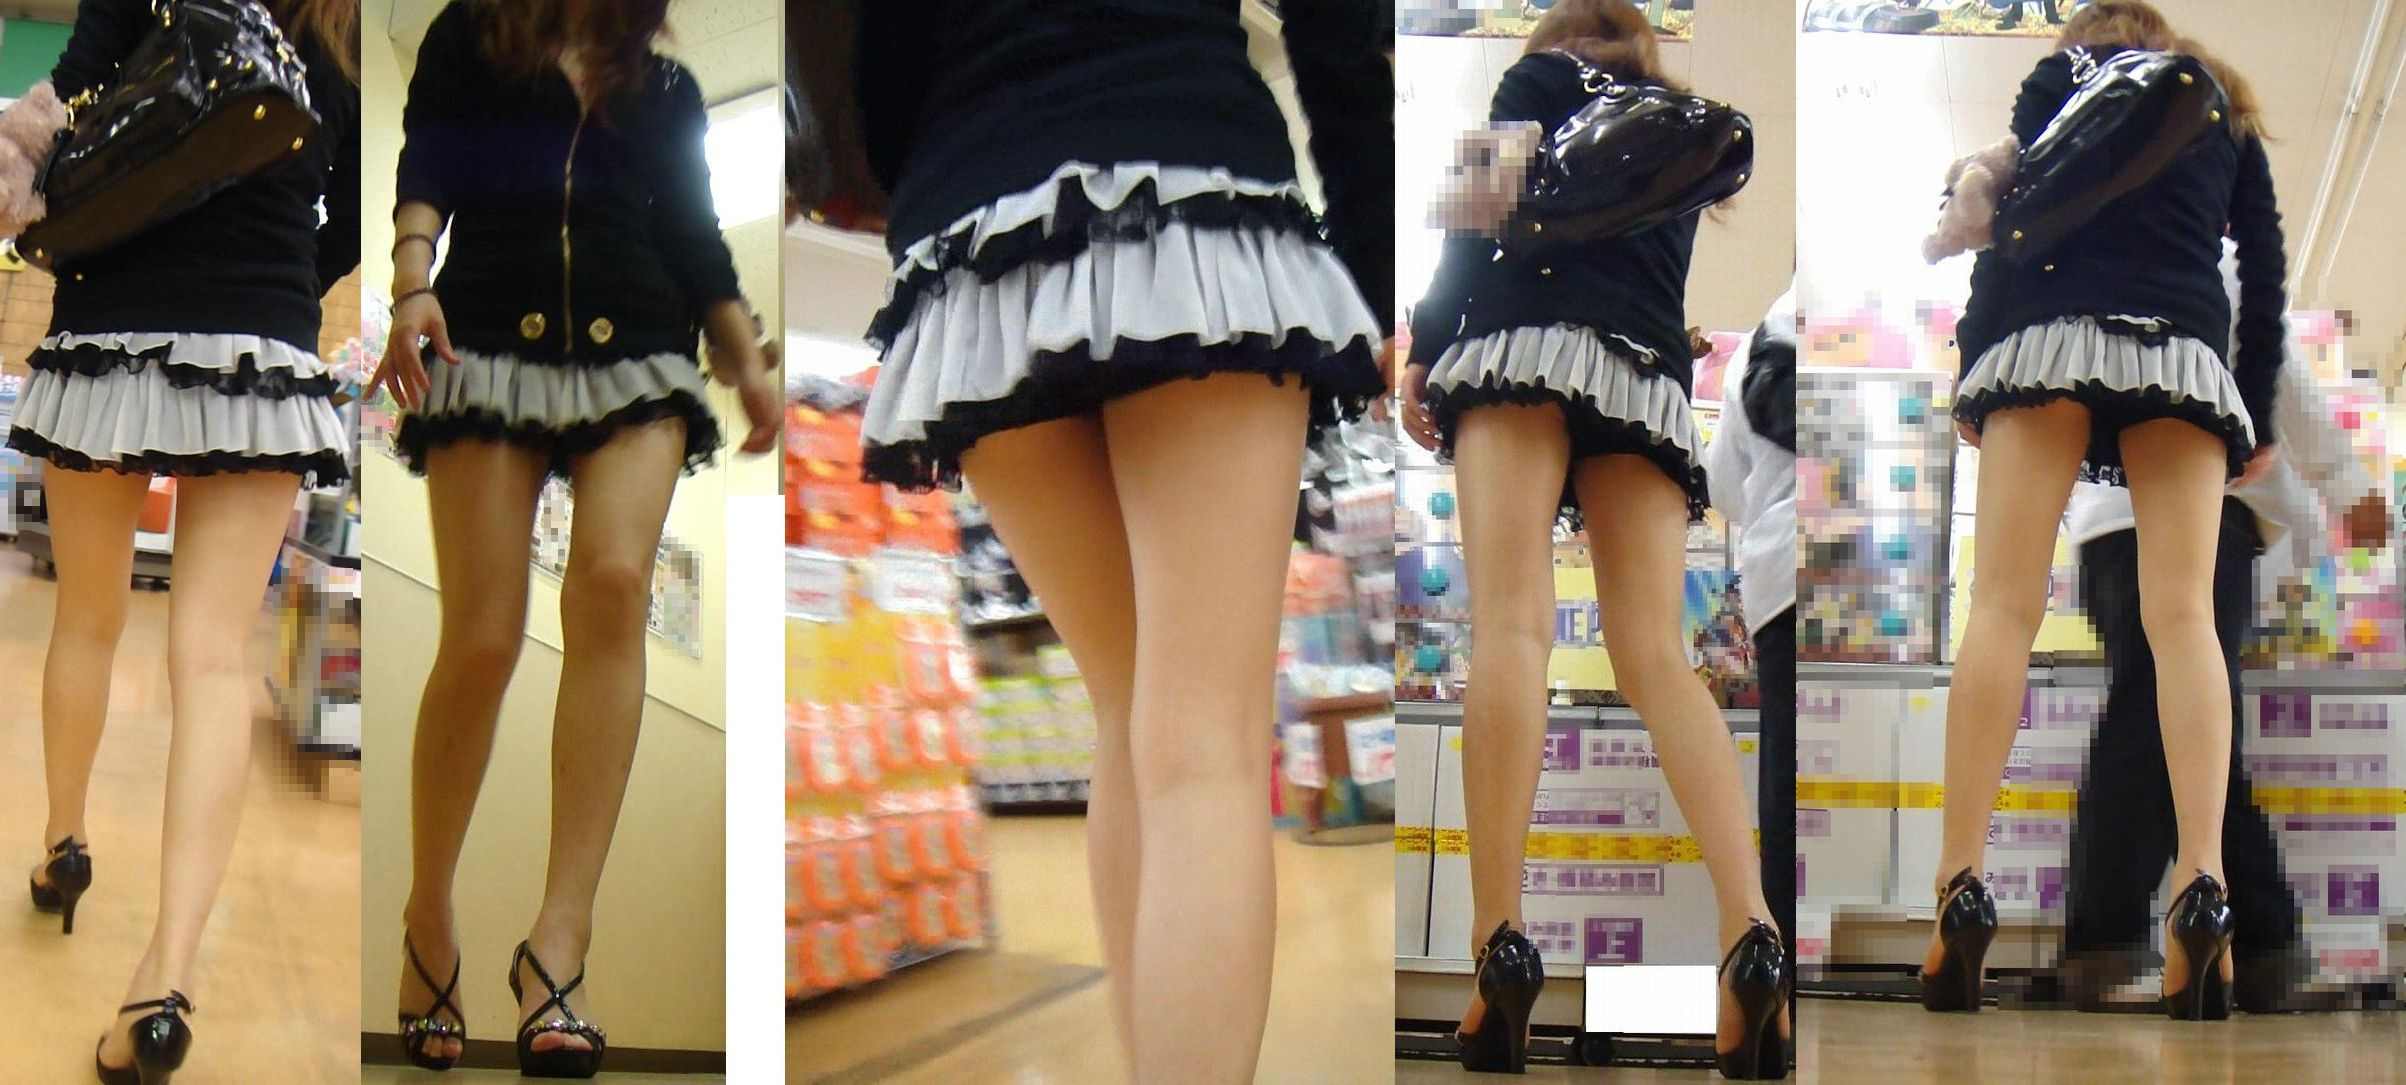 【パンチラ画像】絶対わざとだwww超ミニスカ女子のパンチラとムチムチ下半身の挑発 10